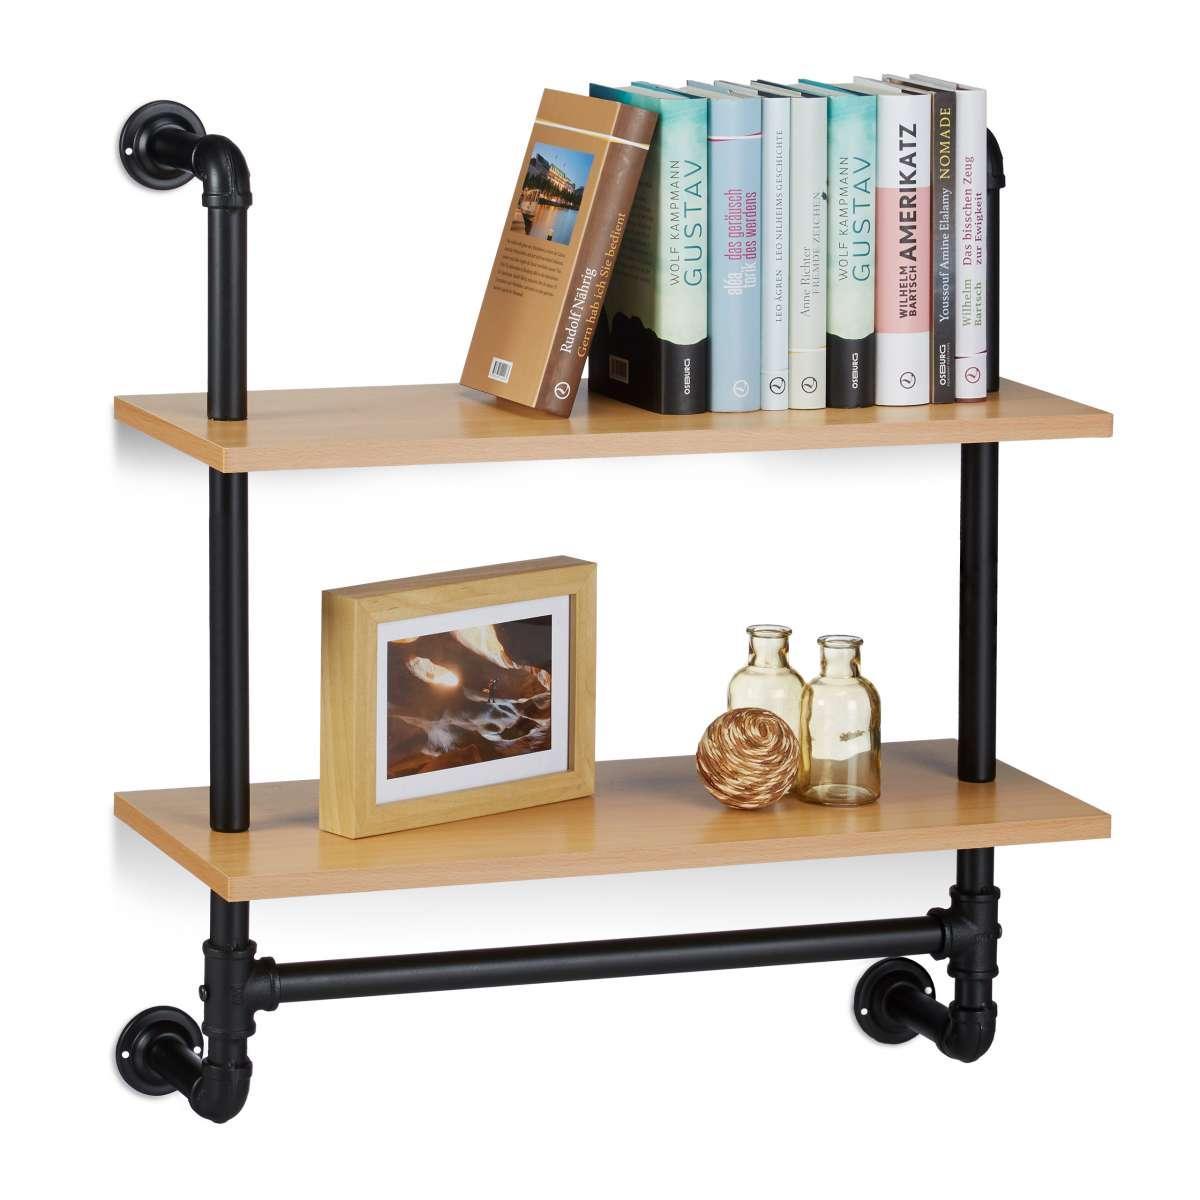 2x Wandregl Industrie mit 2 Ablagen Bücherregal Wandmontage Holz und Eisen Set